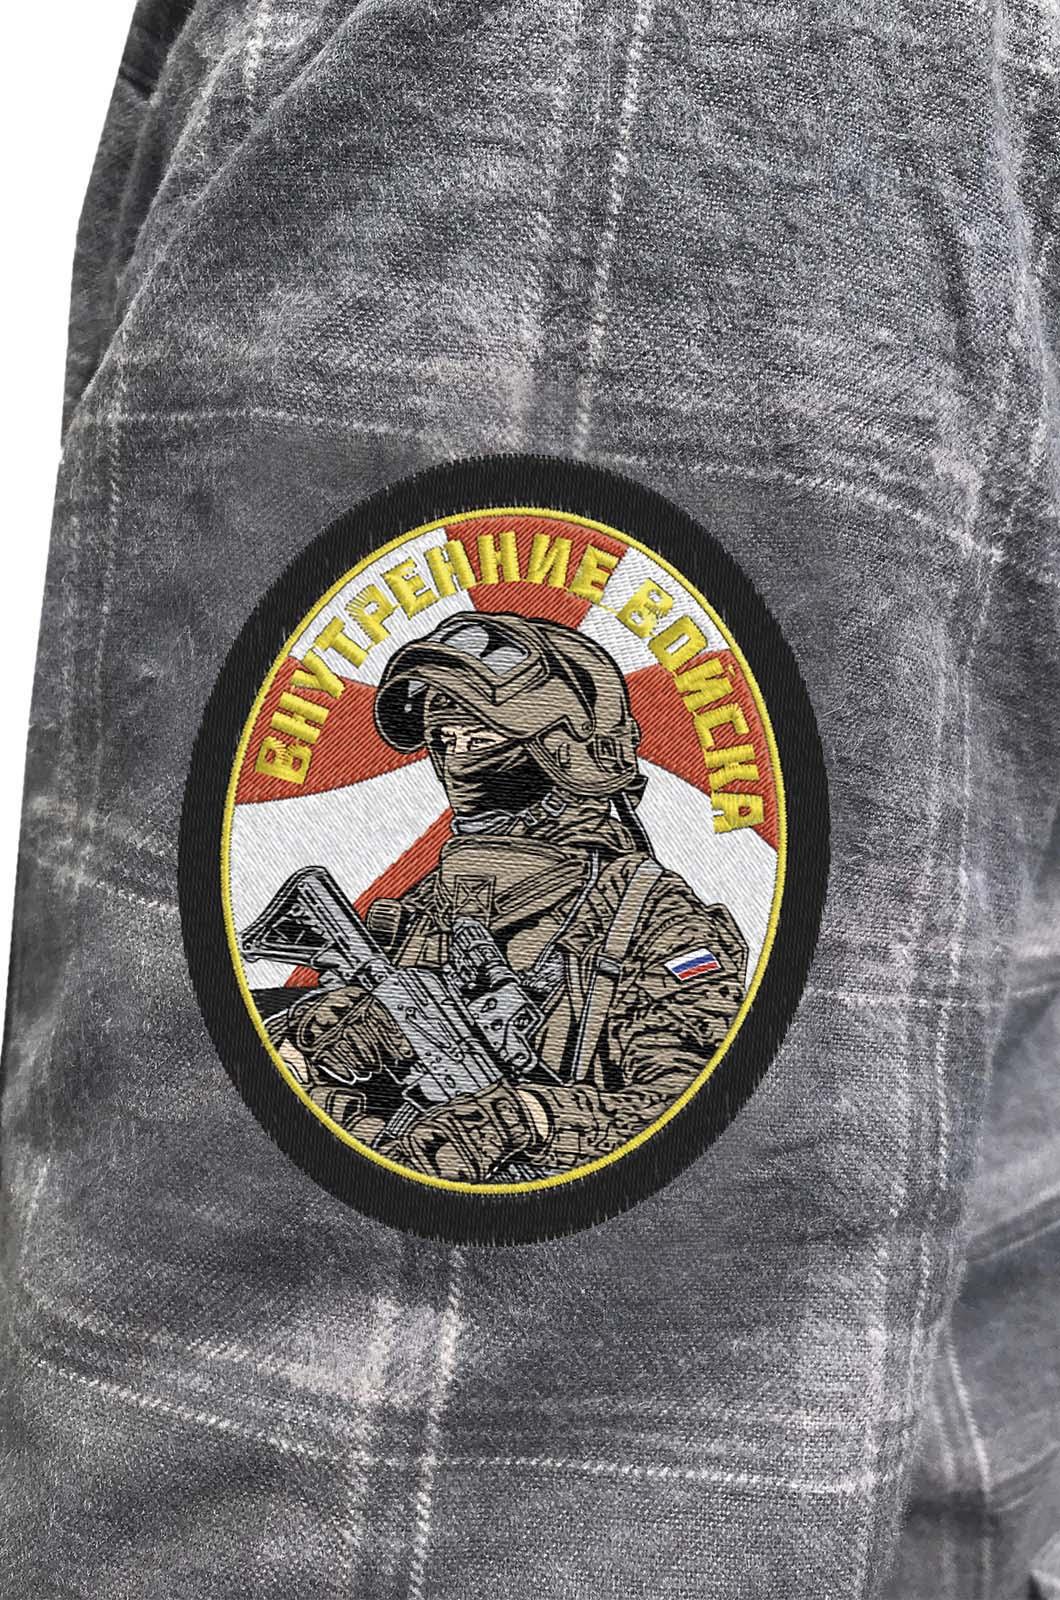 Мужская рубашка с эмблемой Внутренних войск купить оптом